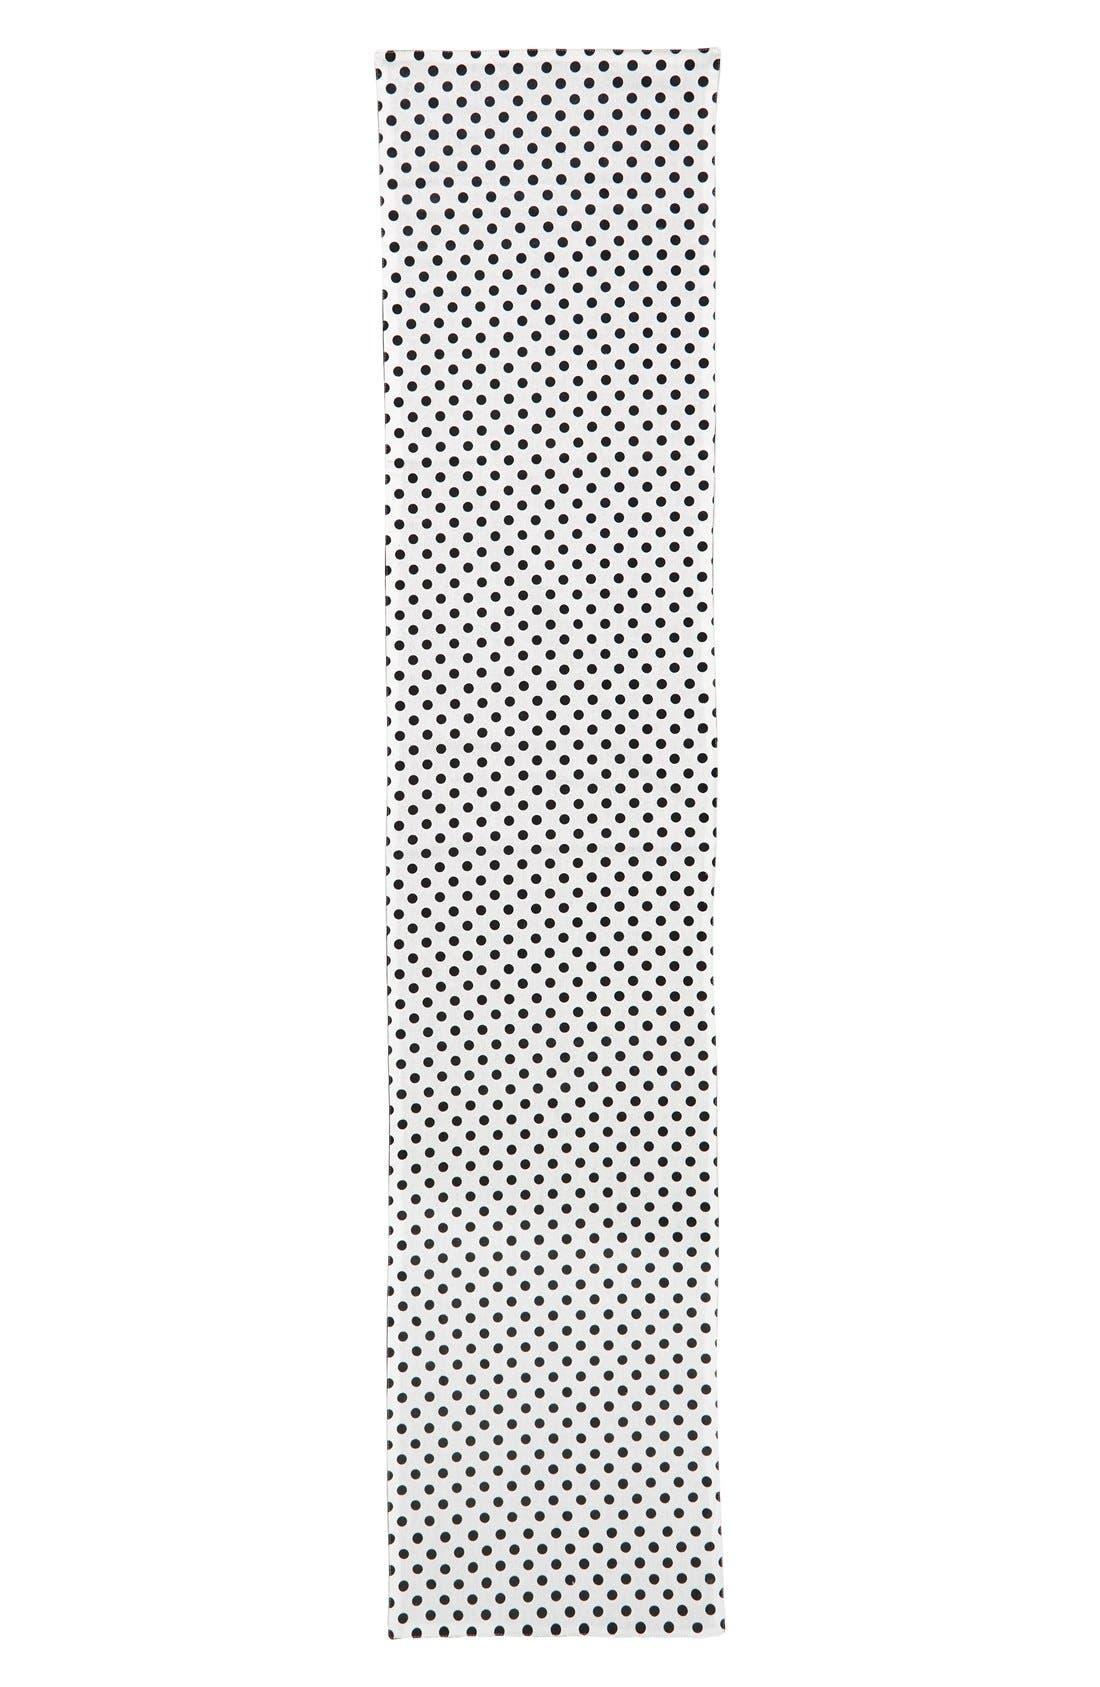 Alternate Image 1 Selected - kate spade new york ampersand table runner